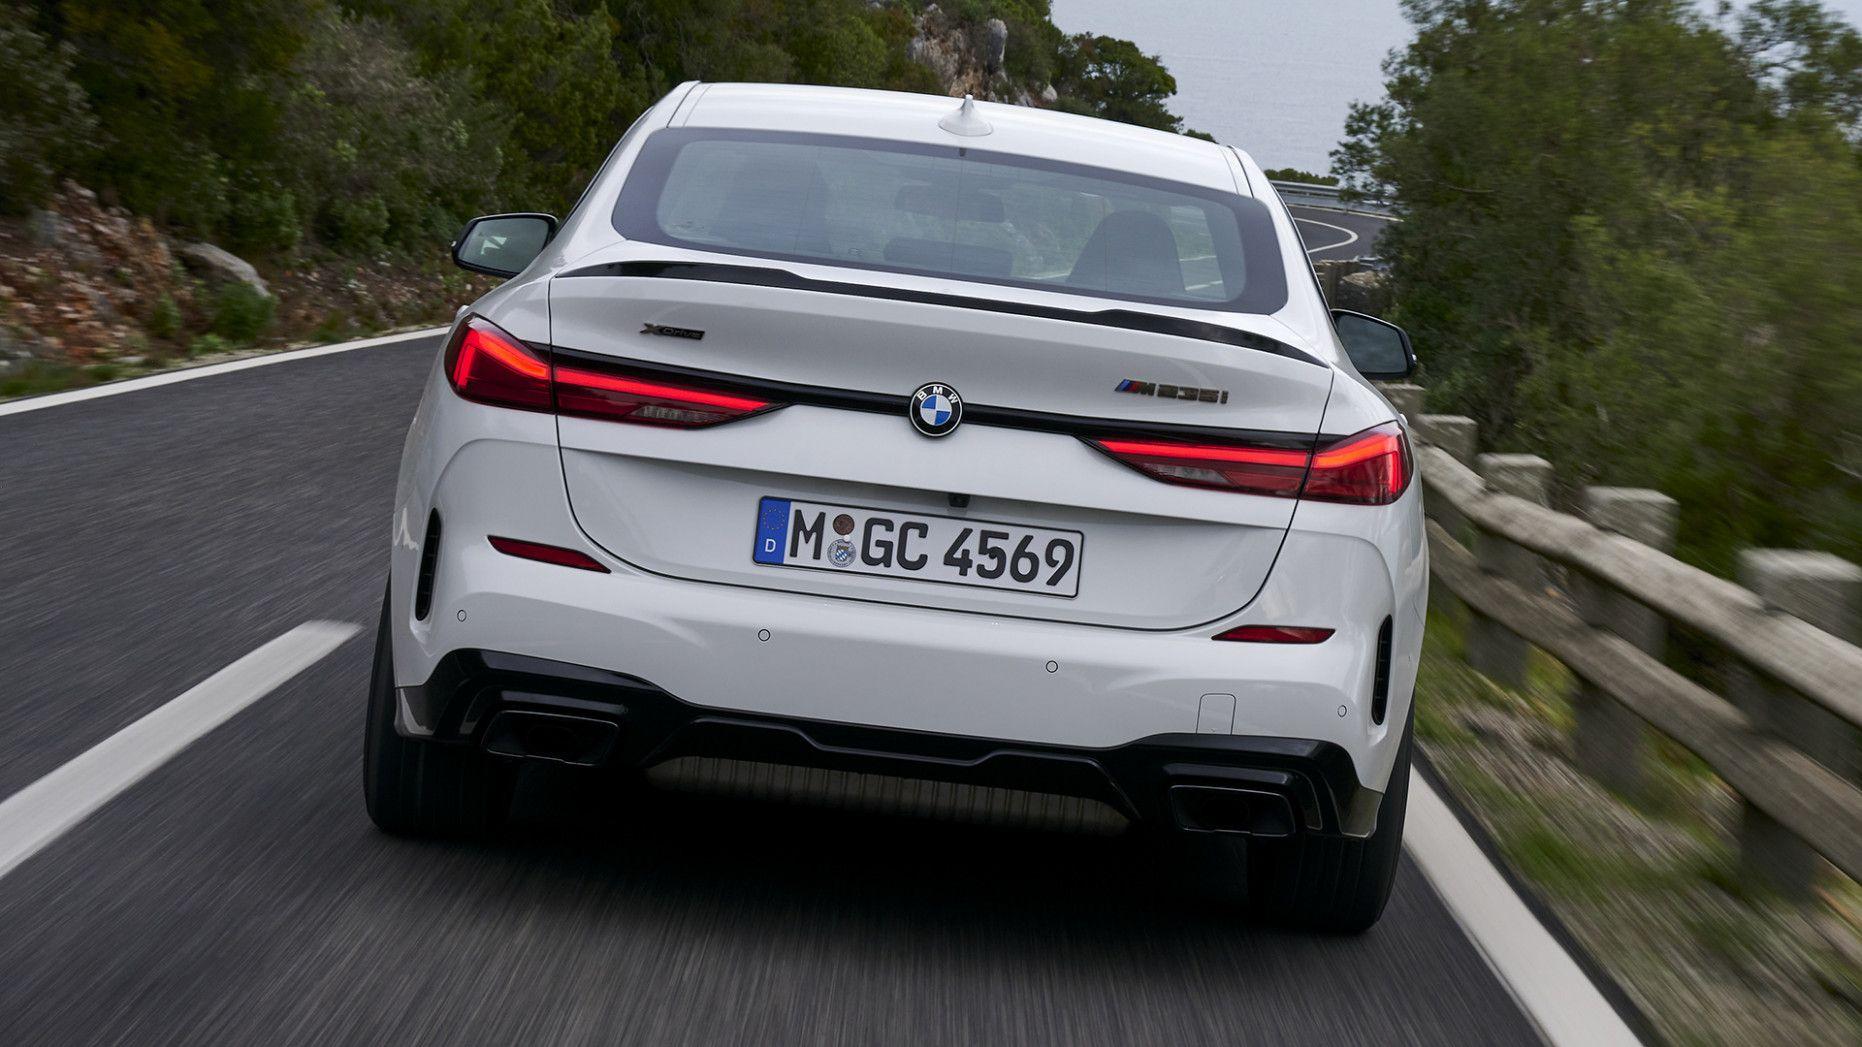 2021 BMW M5 Xdrive Awd Reviews